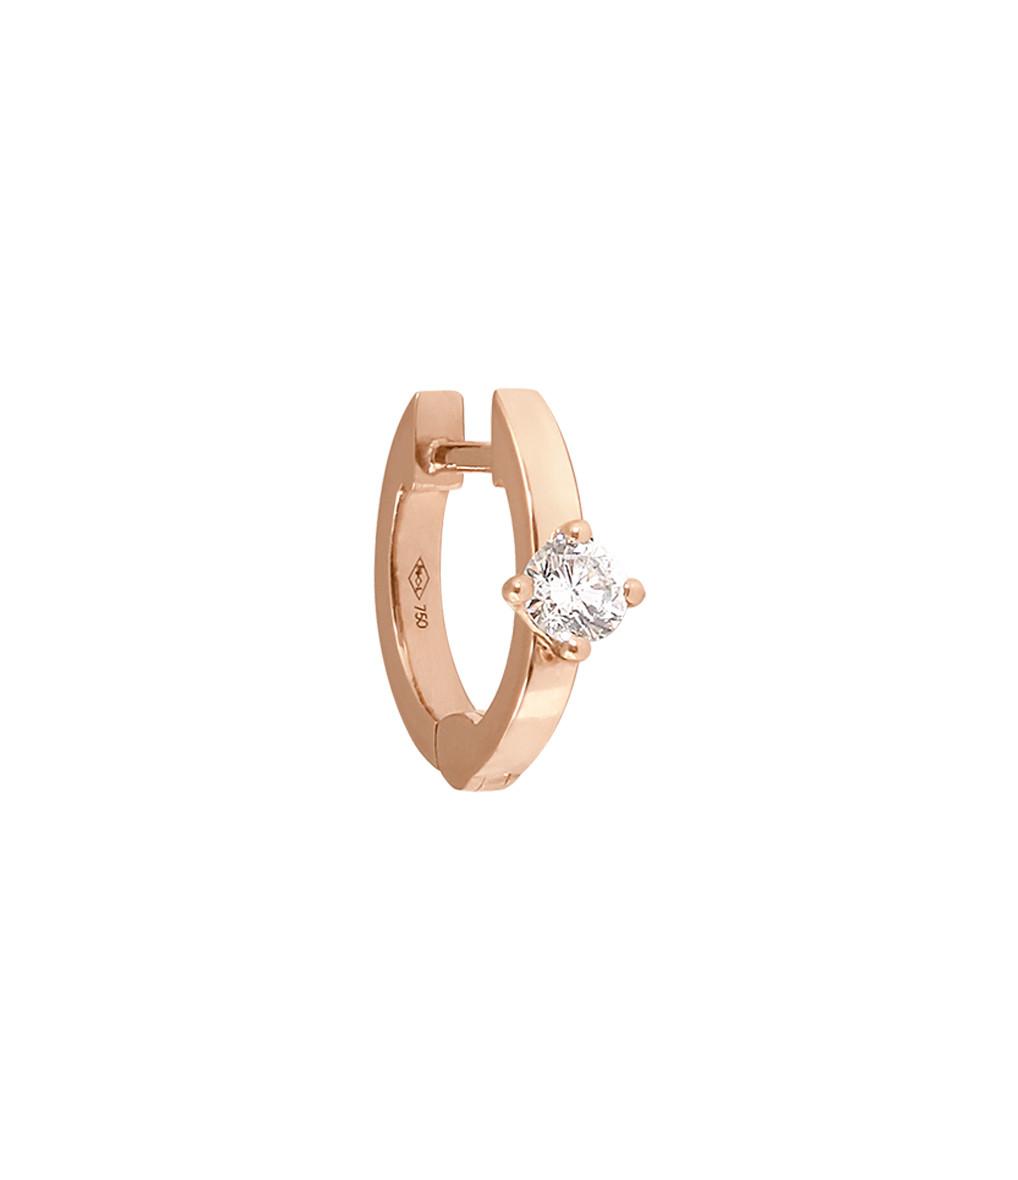 VANRYCKE - Créole Officiel XS Or Rose Diamant (vendue à l'unité)